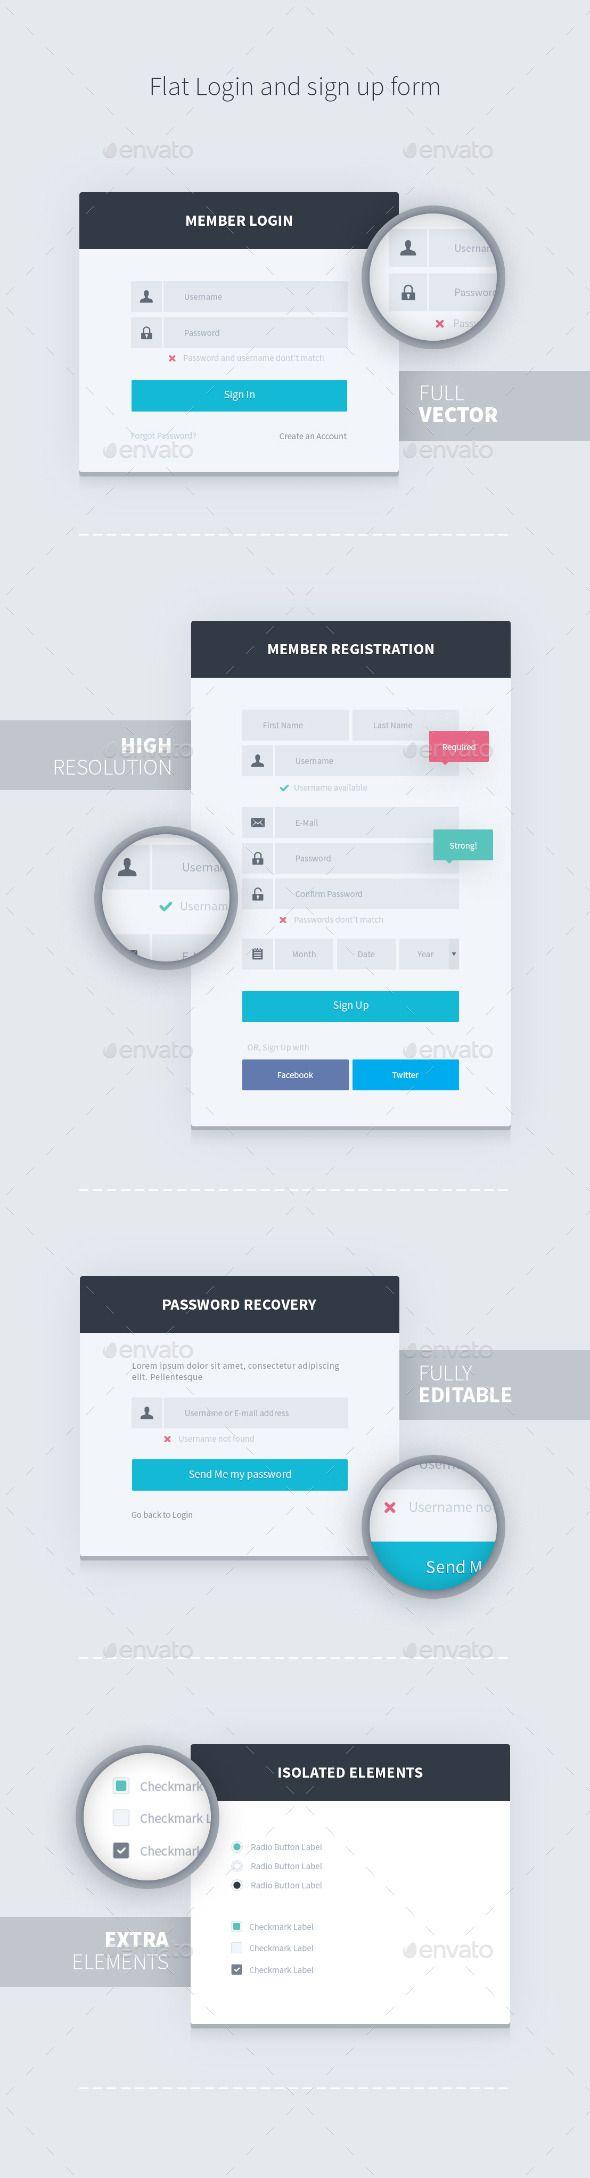 Flat Login and Sign Up Form #design Download: http://graphicriver.net/item/flat-login-and-sign-up-form/11327905?ref=ksioks